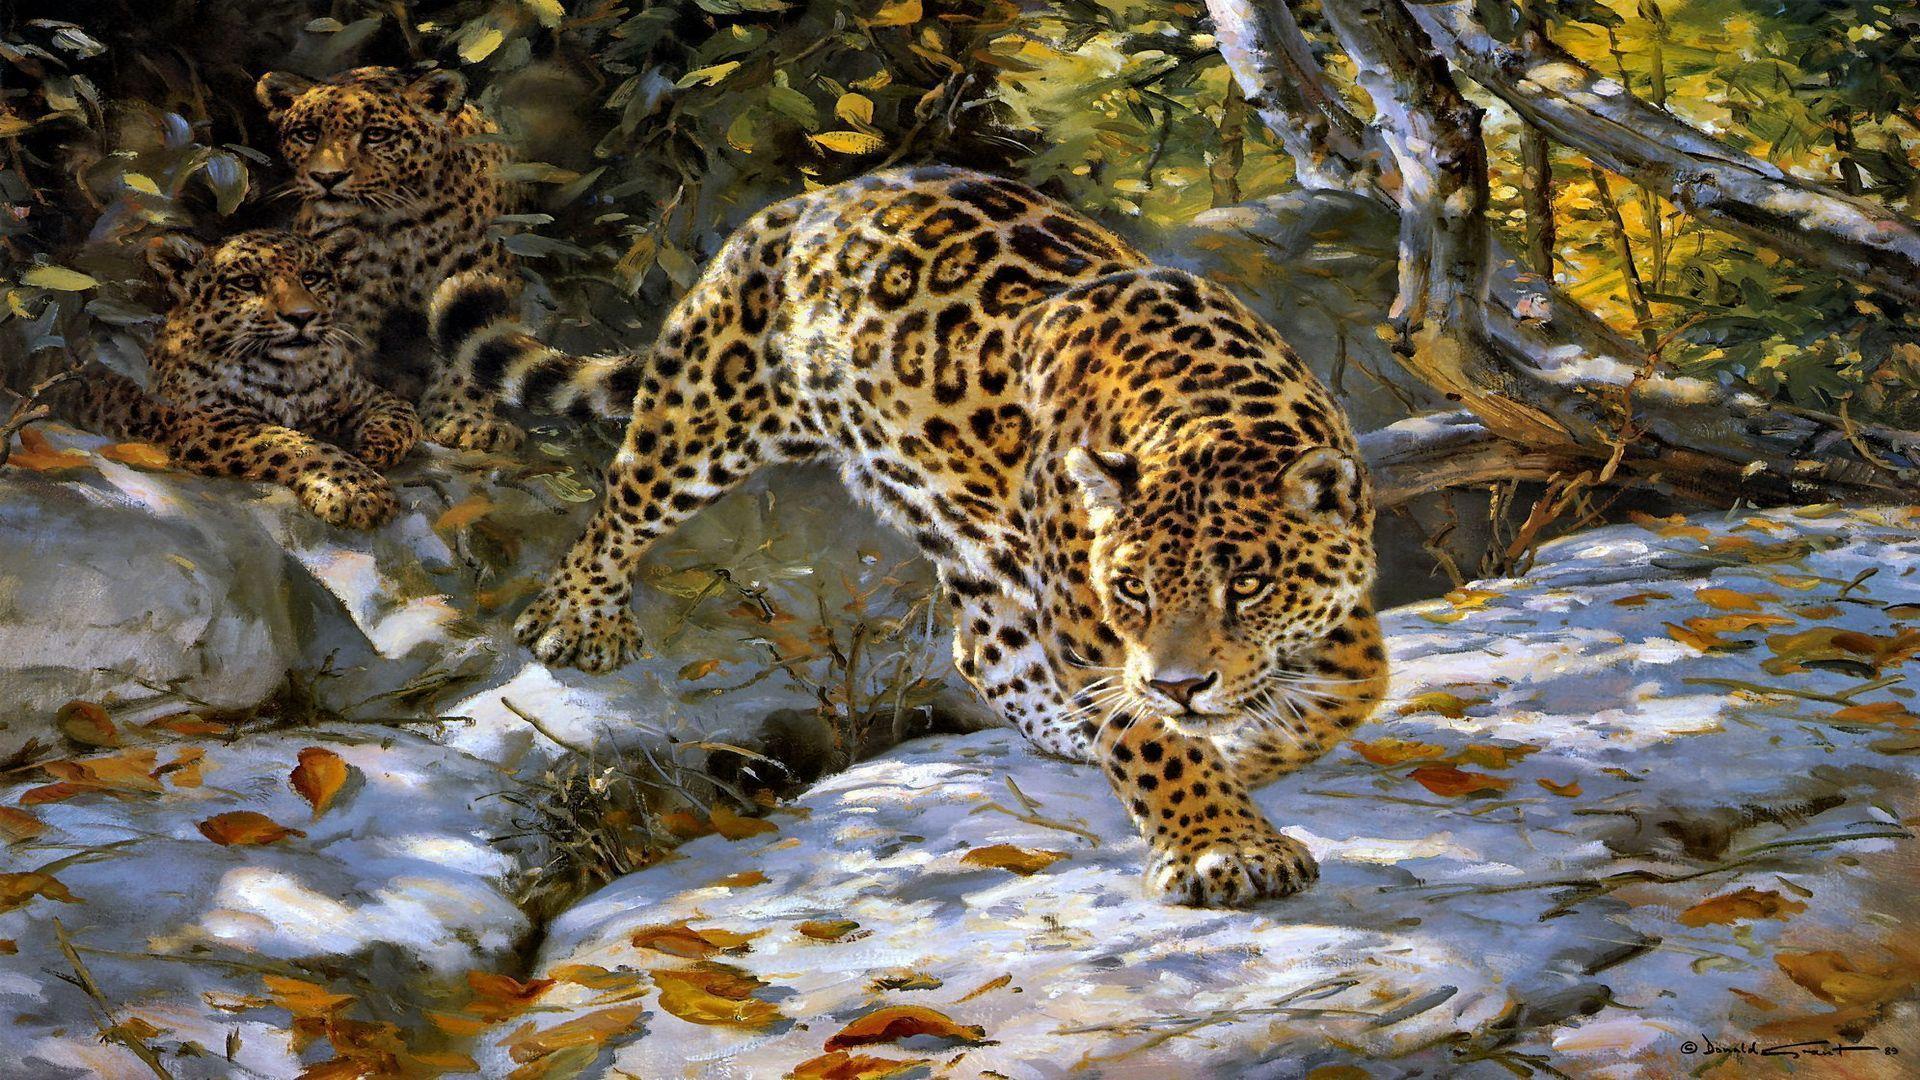 Jaguar wallpapers wallpaper cave - Jaar wallpapers ...